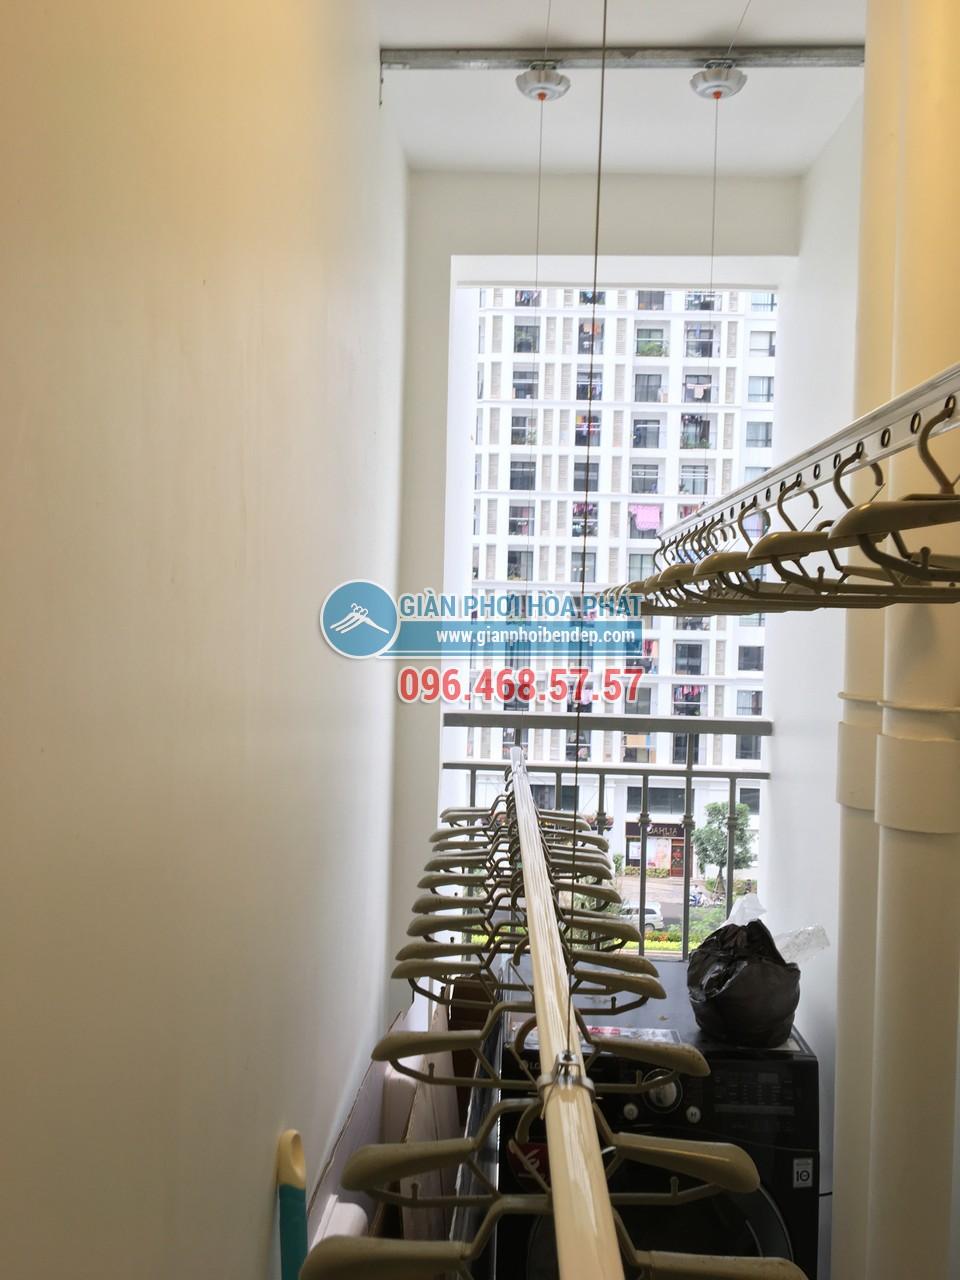 Ngó lô gia đẹp hiện đại với giàn phơi thông minh nhà chị Yến, tòa Park 1, Park Hill - 06